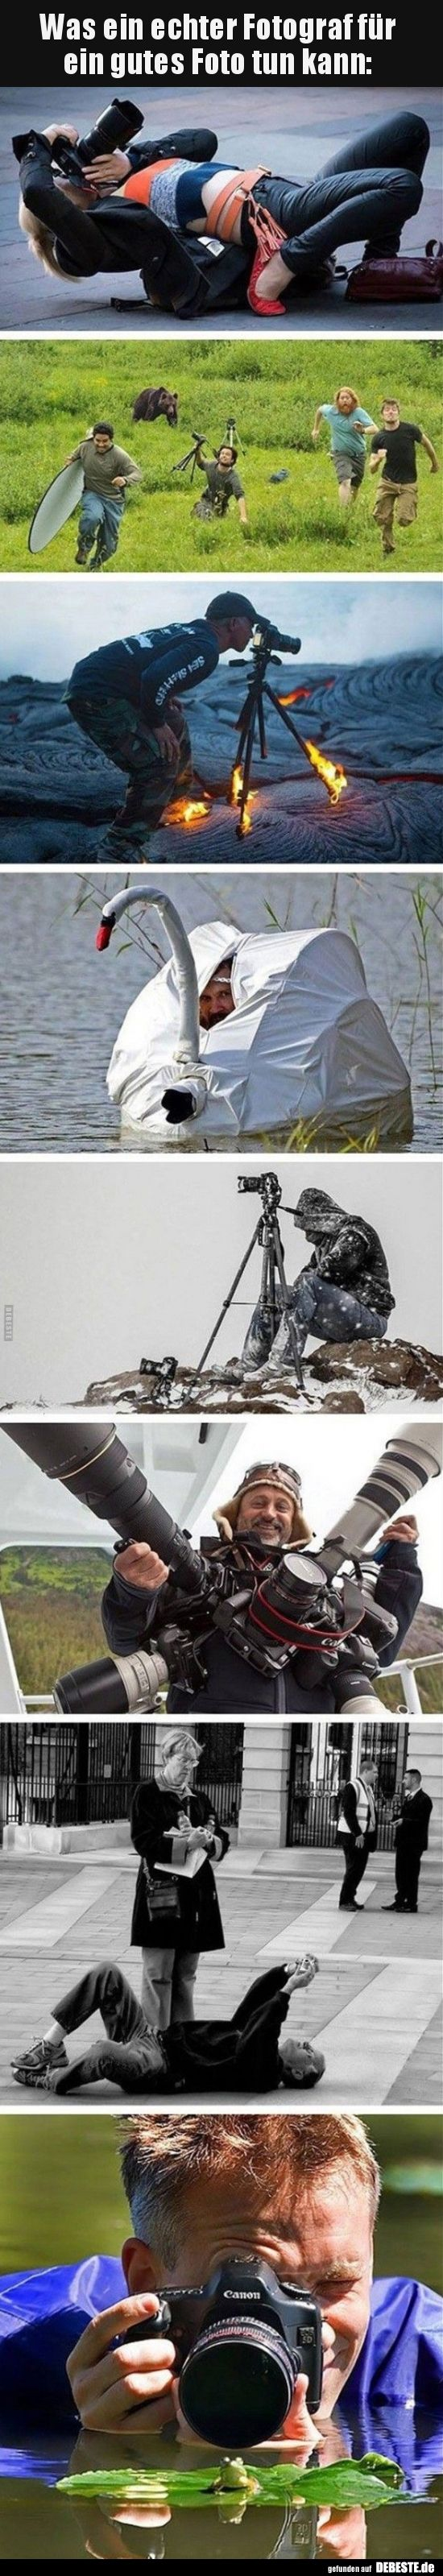 Was ein echter Fotograf für ein gutes Foto tun kann.. | Lustige Bilder, Sprüche, Witze, echt lustig